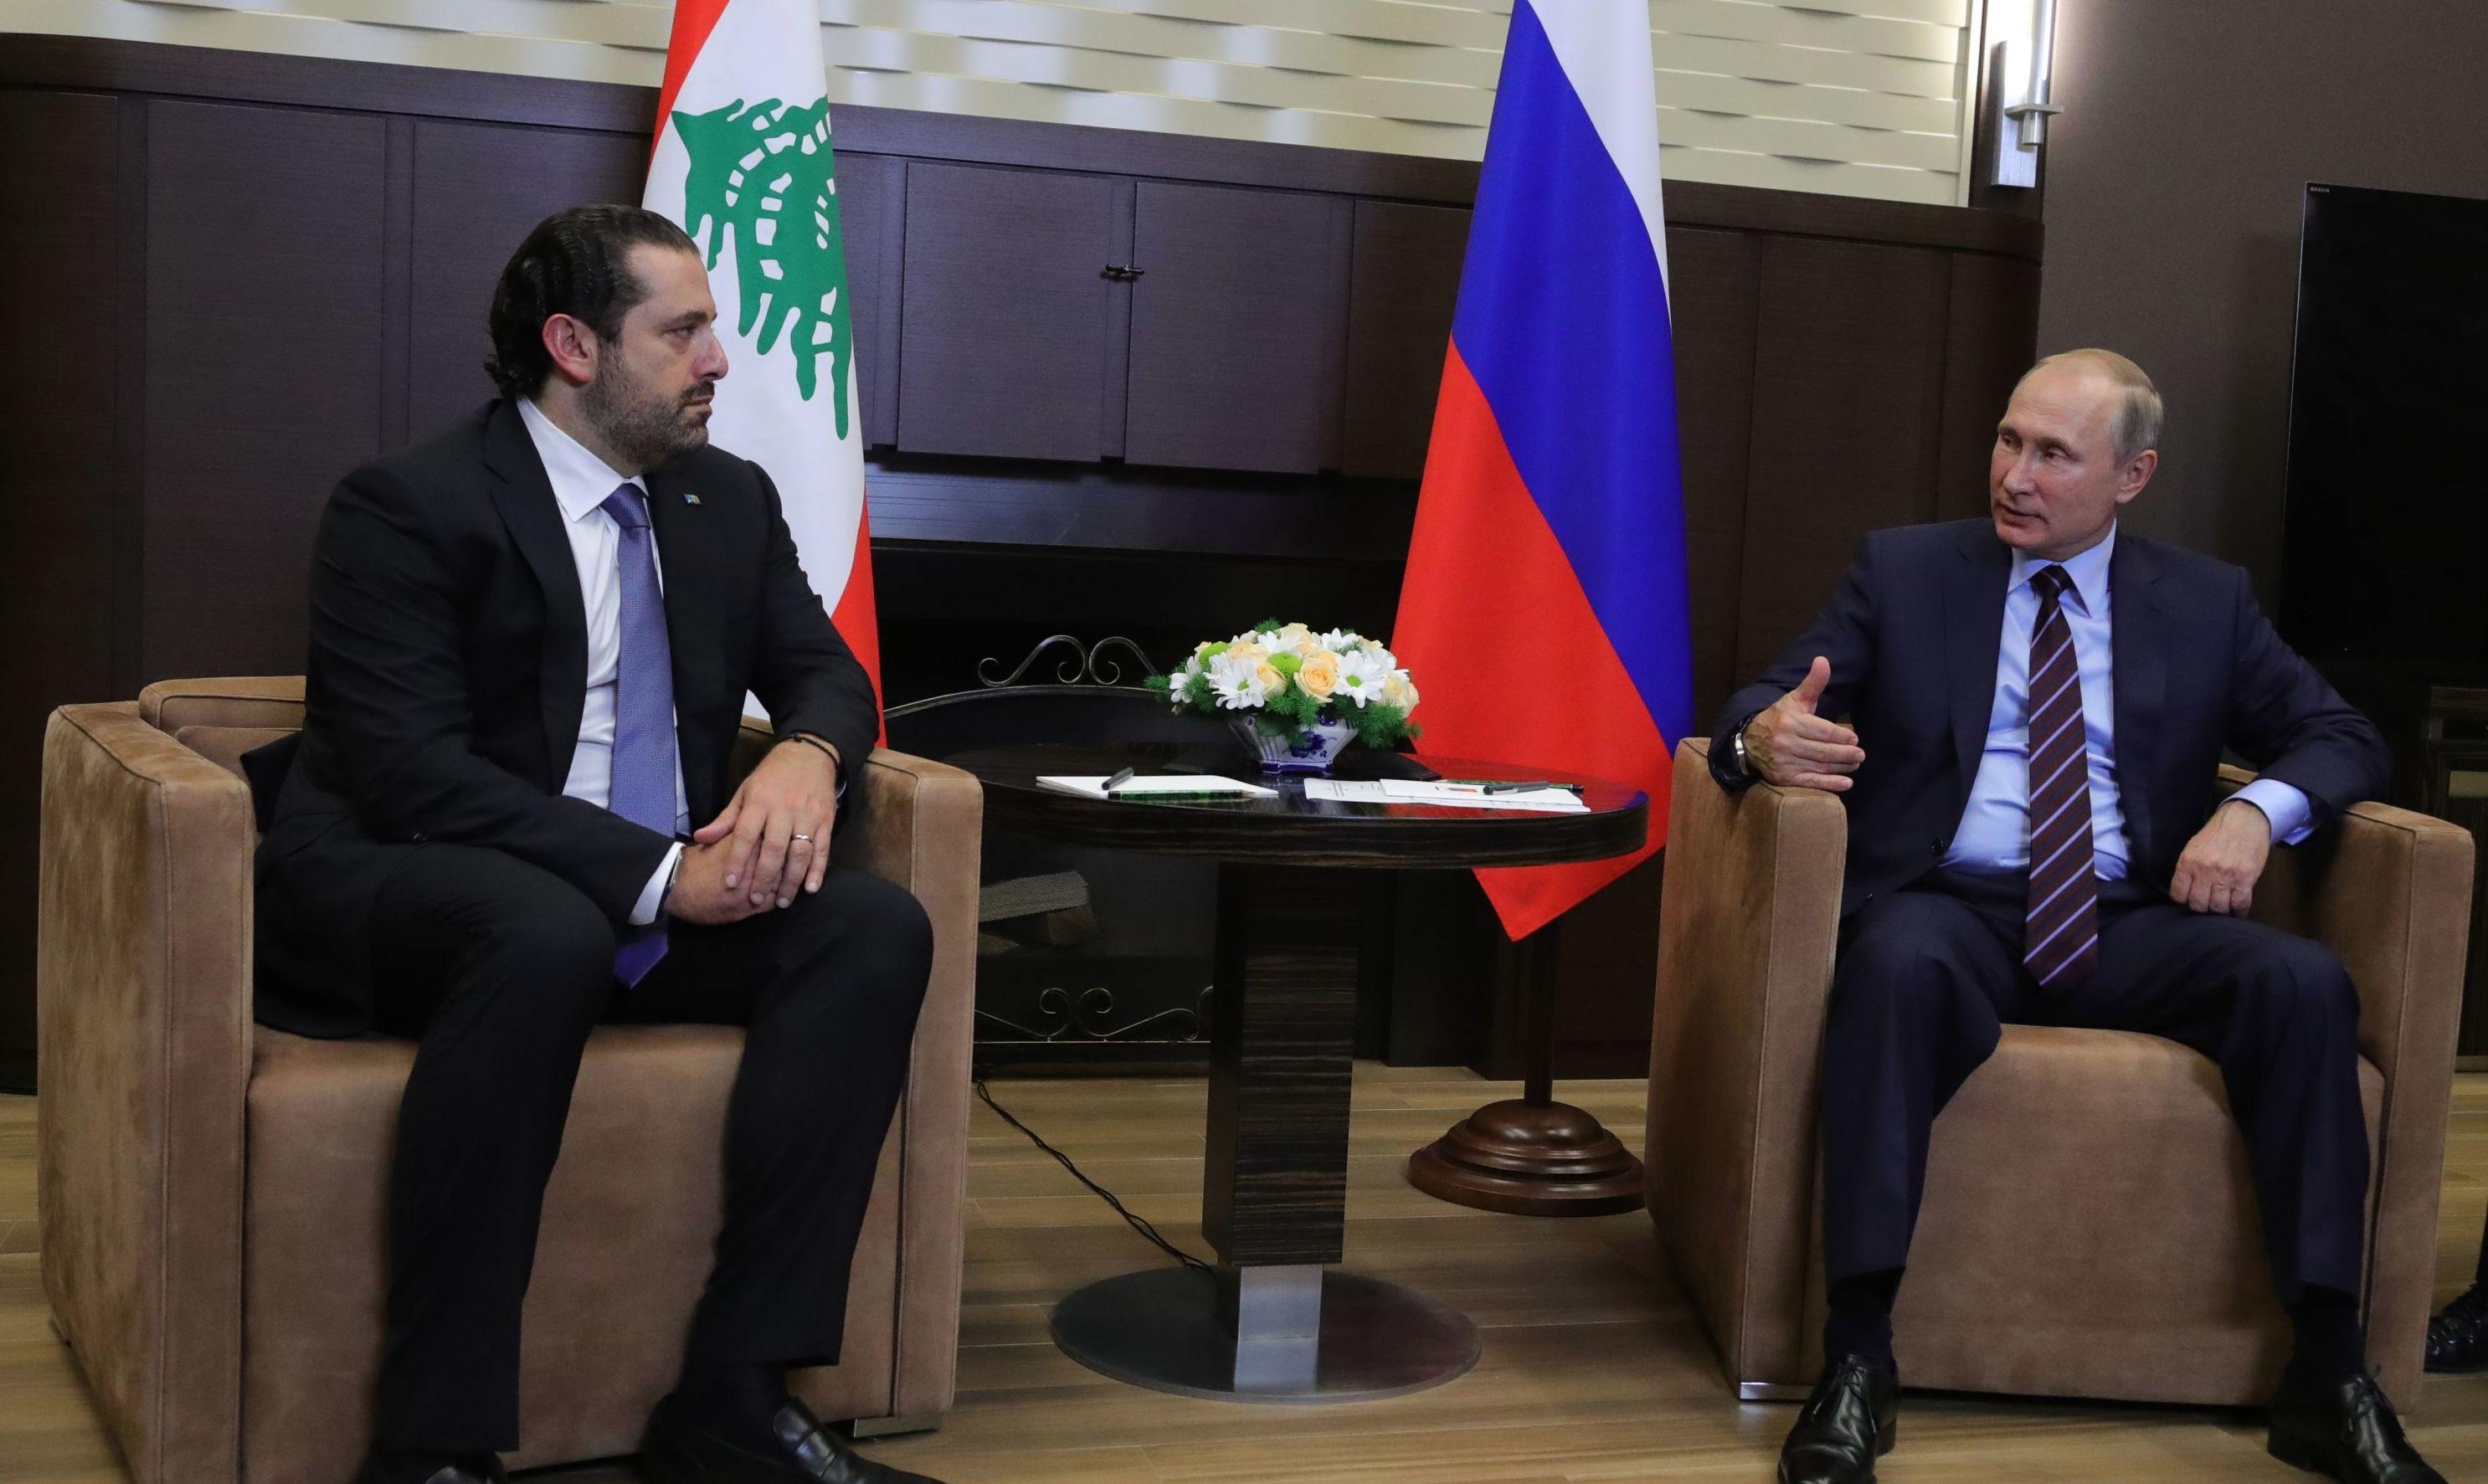 لقاء رئيس الحكومة اللبنانية سعد الحريري ورئيس روسيا فلاديمير بوتين